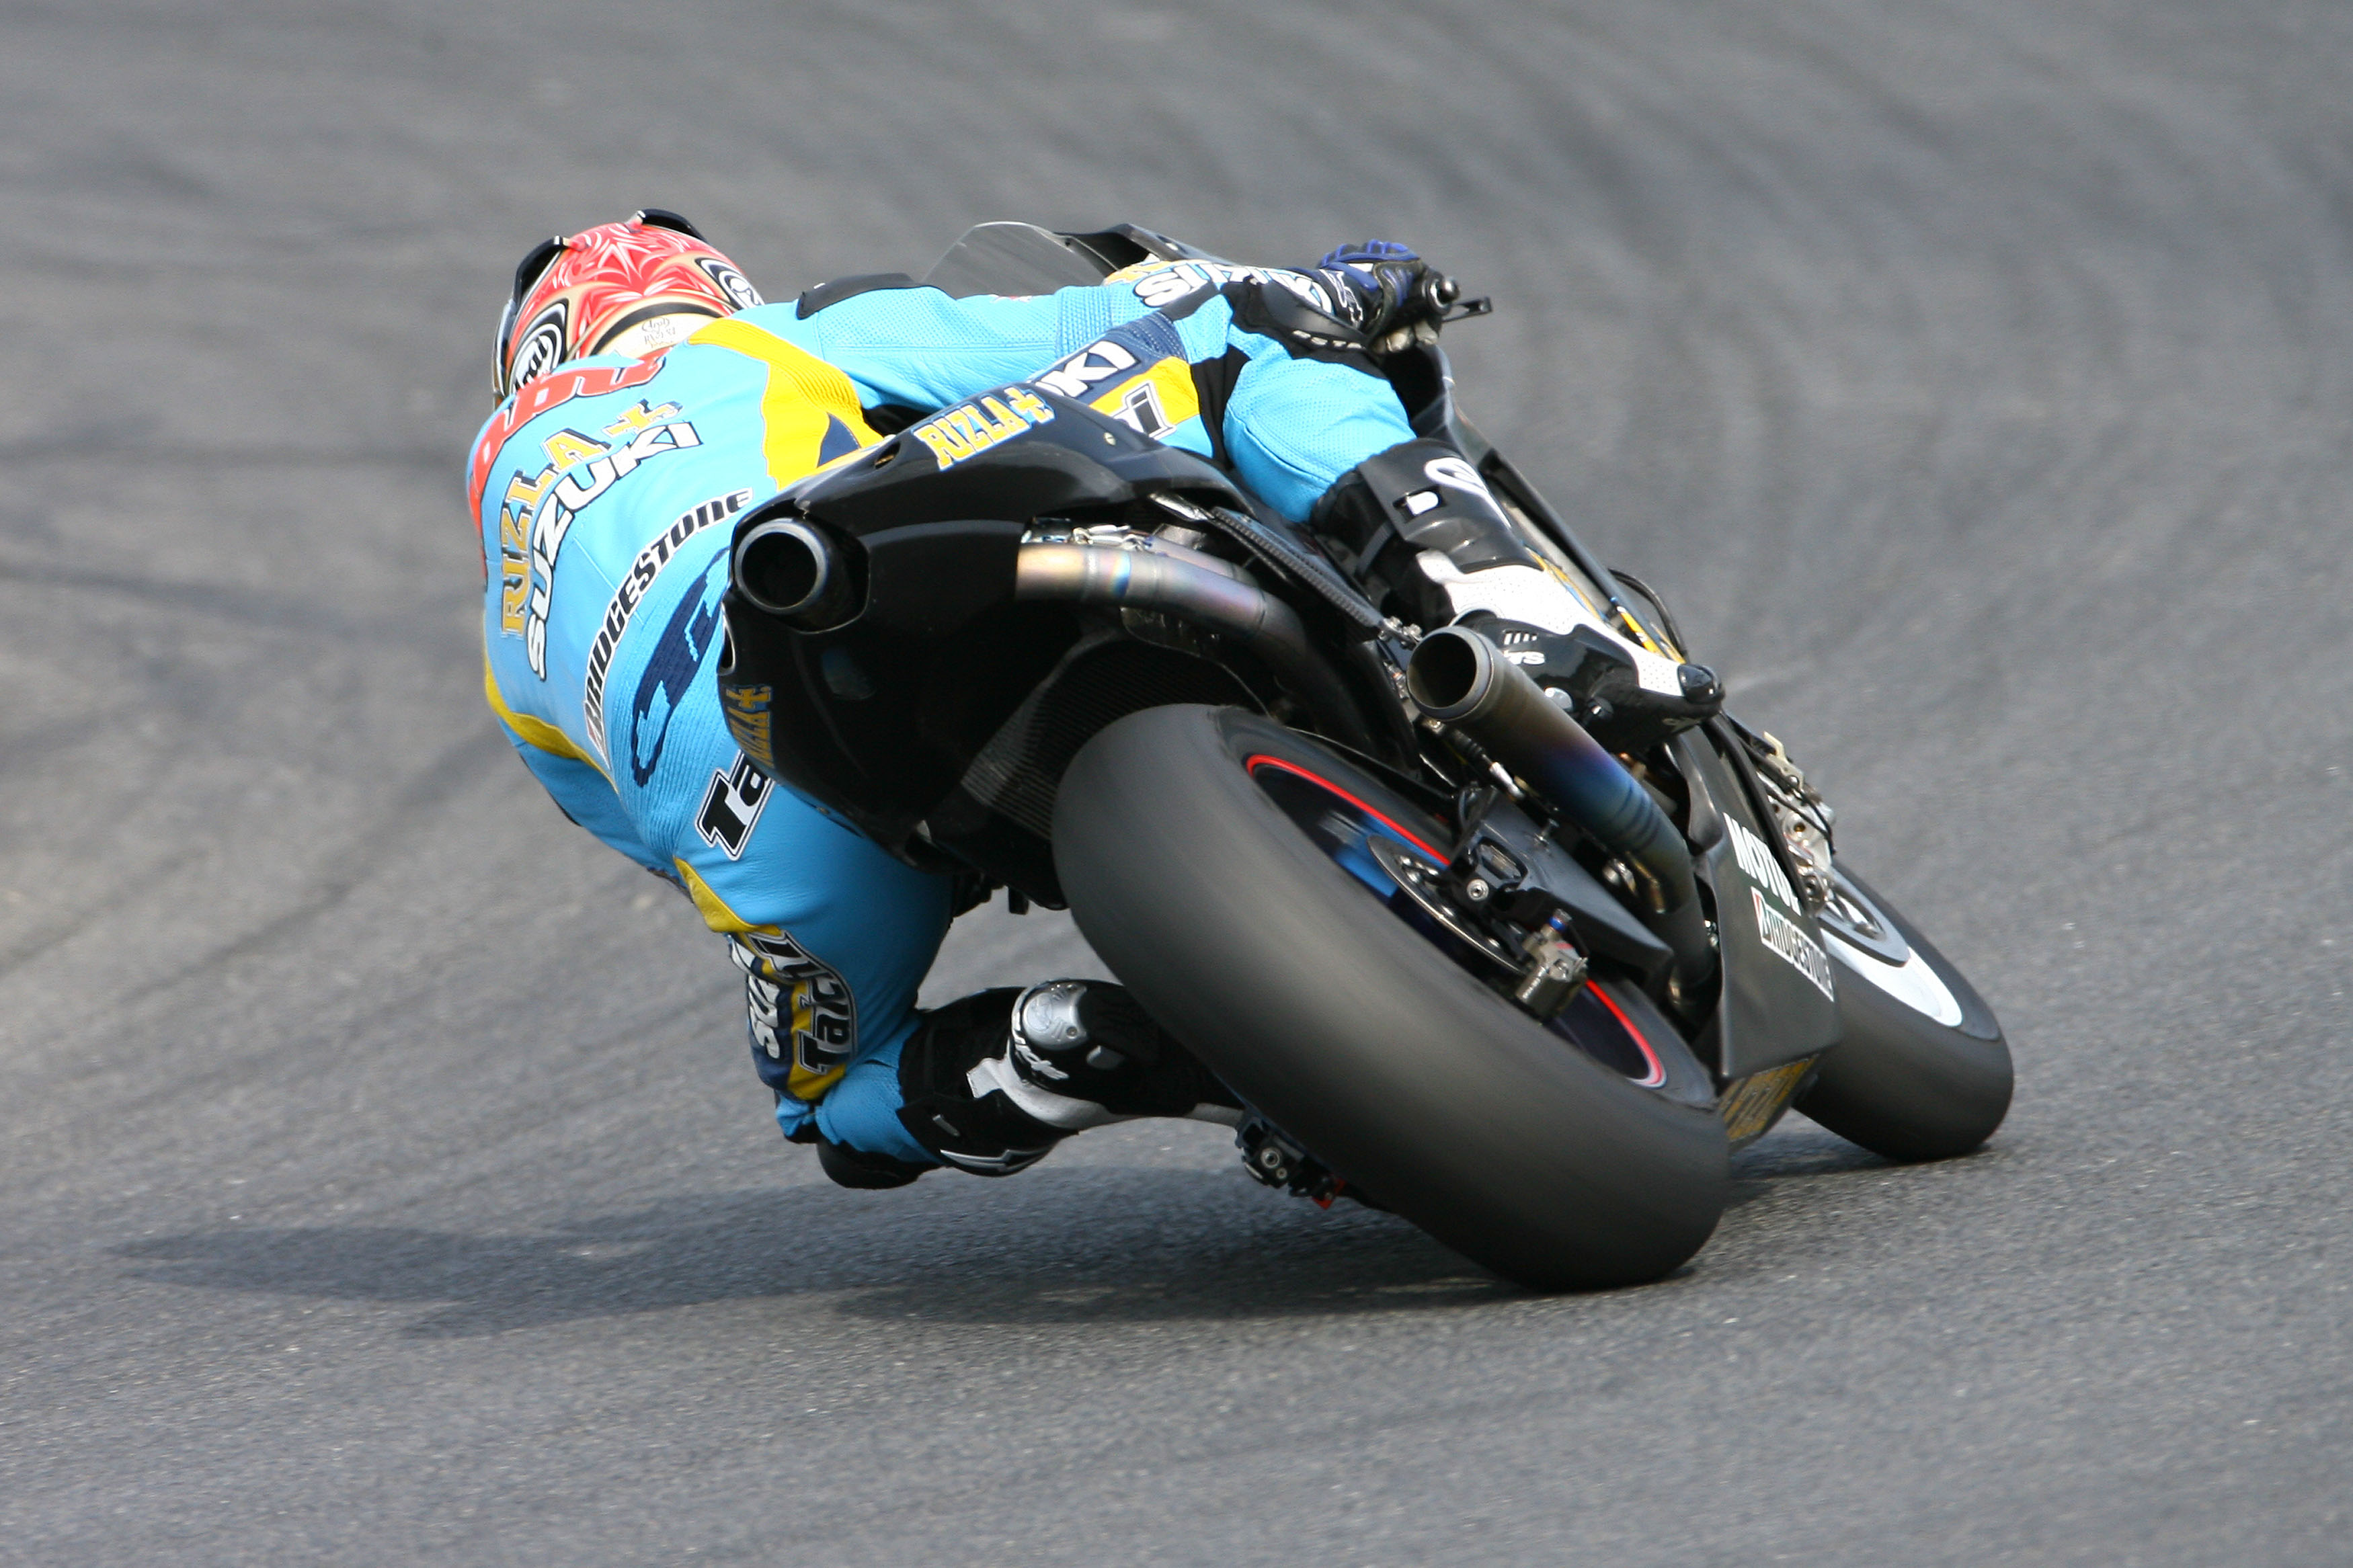 Attractive 2014 Suzuki GSV R MotoGP Spied Testing